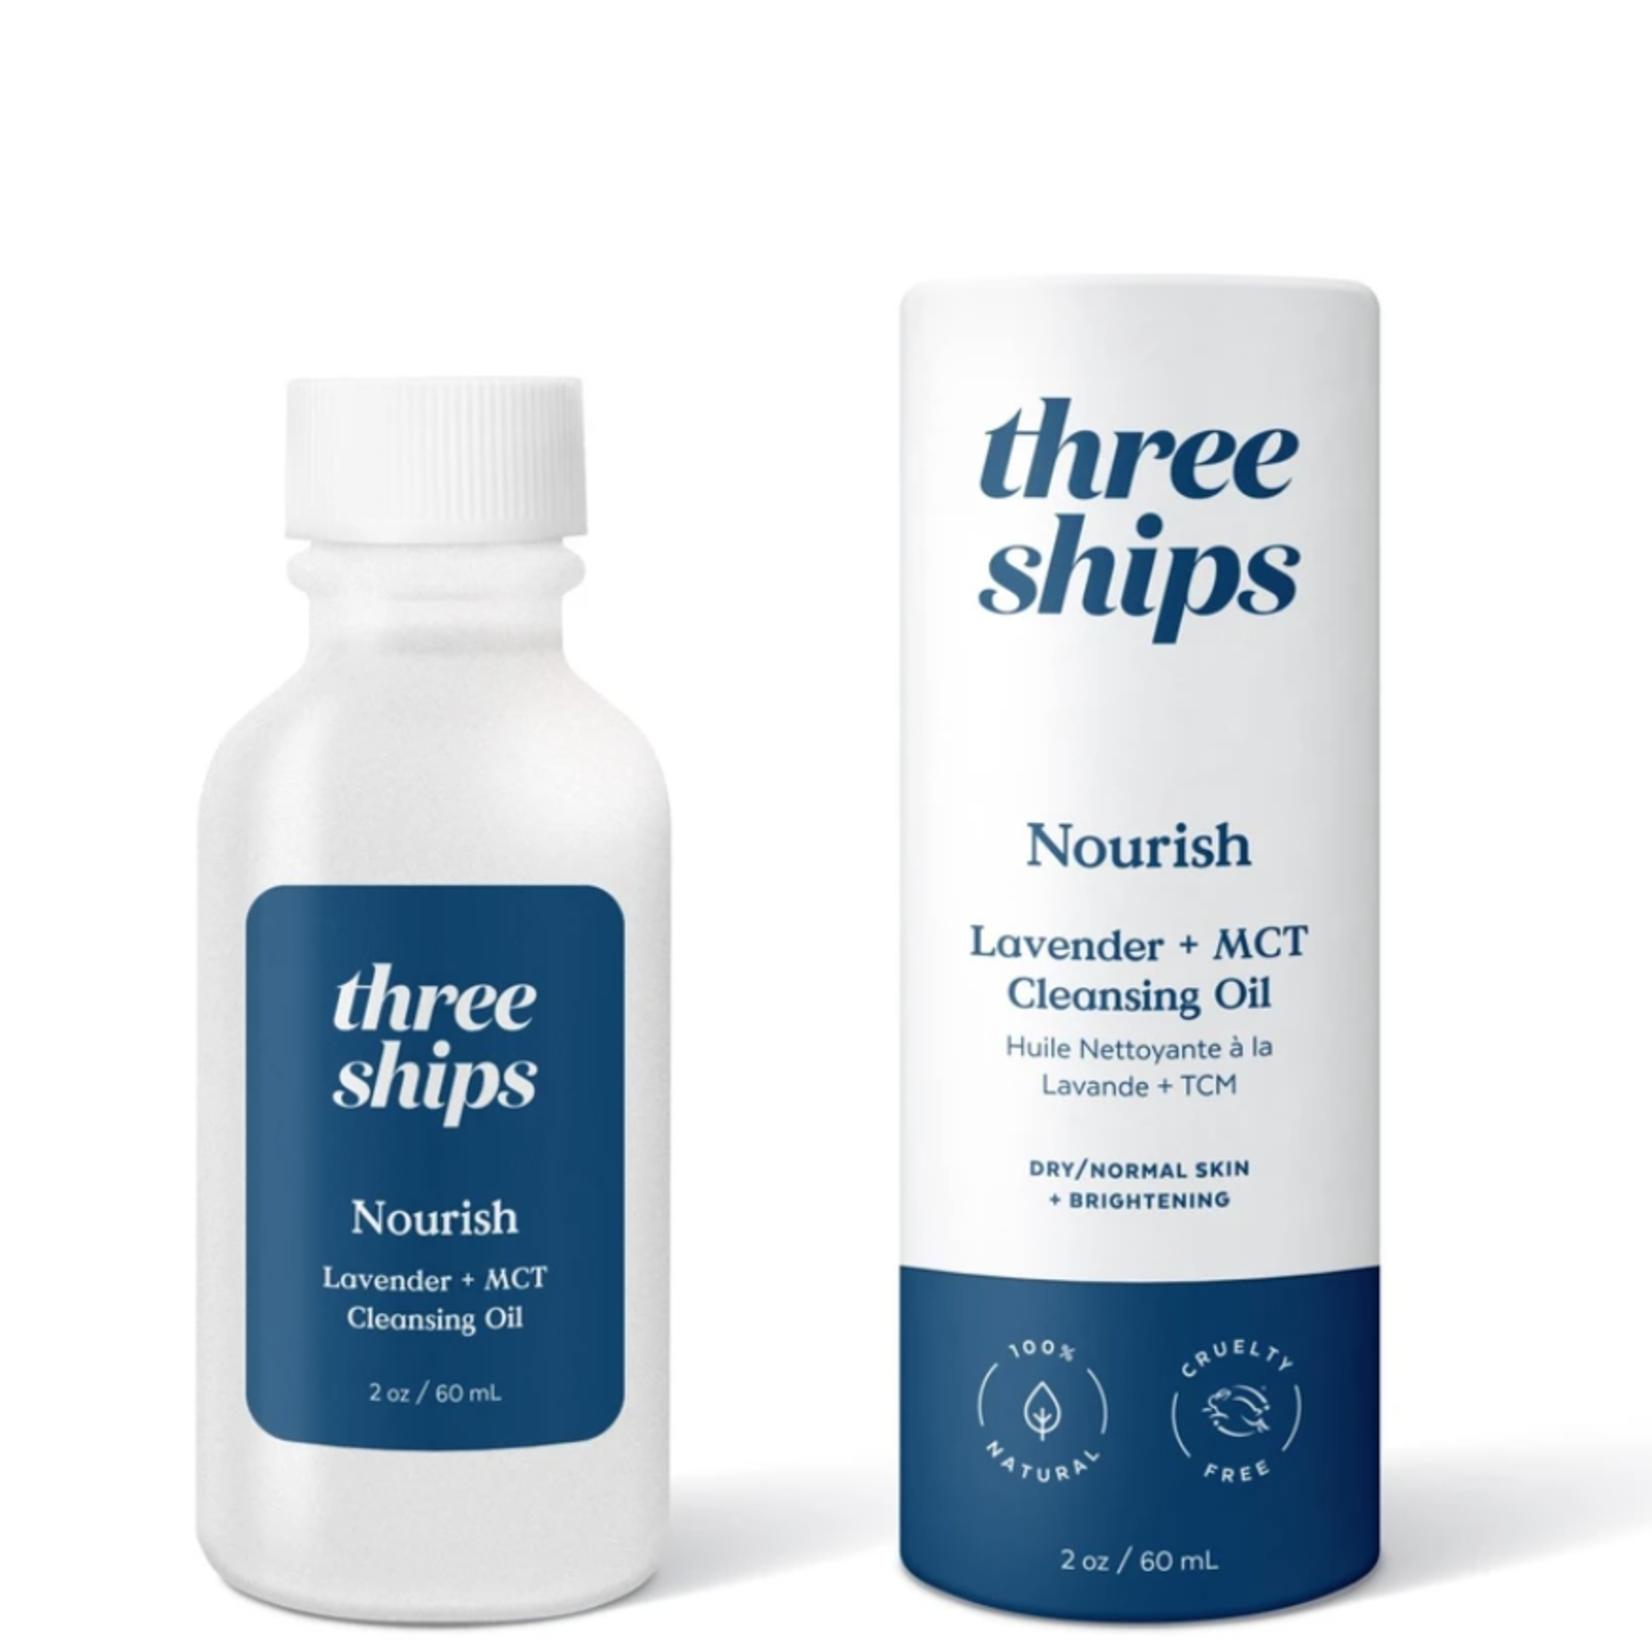 Three ships NOURISH HUILE NETTOYANTE À LA LAVANDE ET TCM